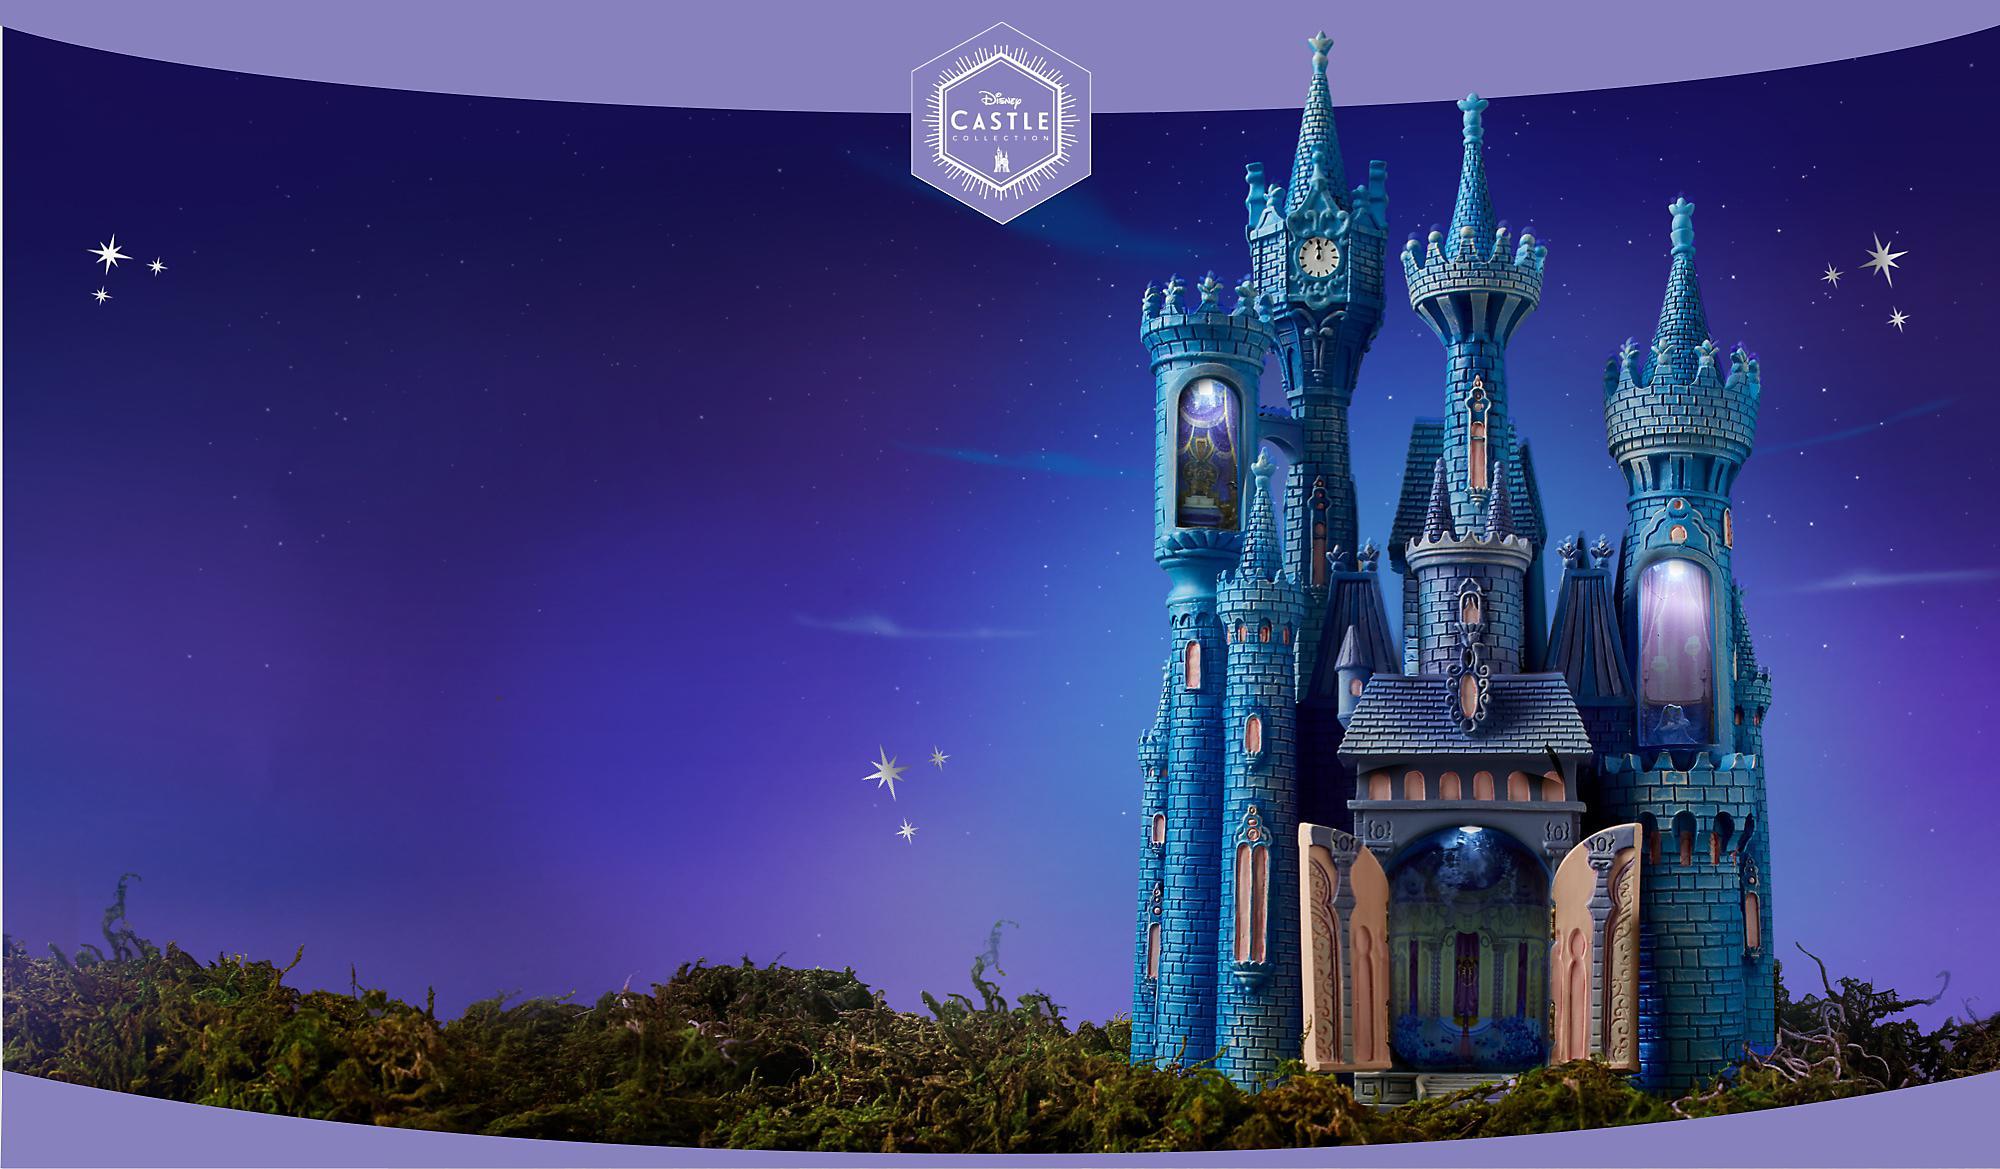 La colección Disney Castle Diez modelos rendirán homenaje a los espacios históricos de nuestras queridas heroínas con imágenes de sus casas encantadas que nunca habíamos visto. Cada serie incluye una figurita de alta gama y otros productos inspirados en cada castillo. ¡Vive la magia coleccionándolos todos! COMPRAR